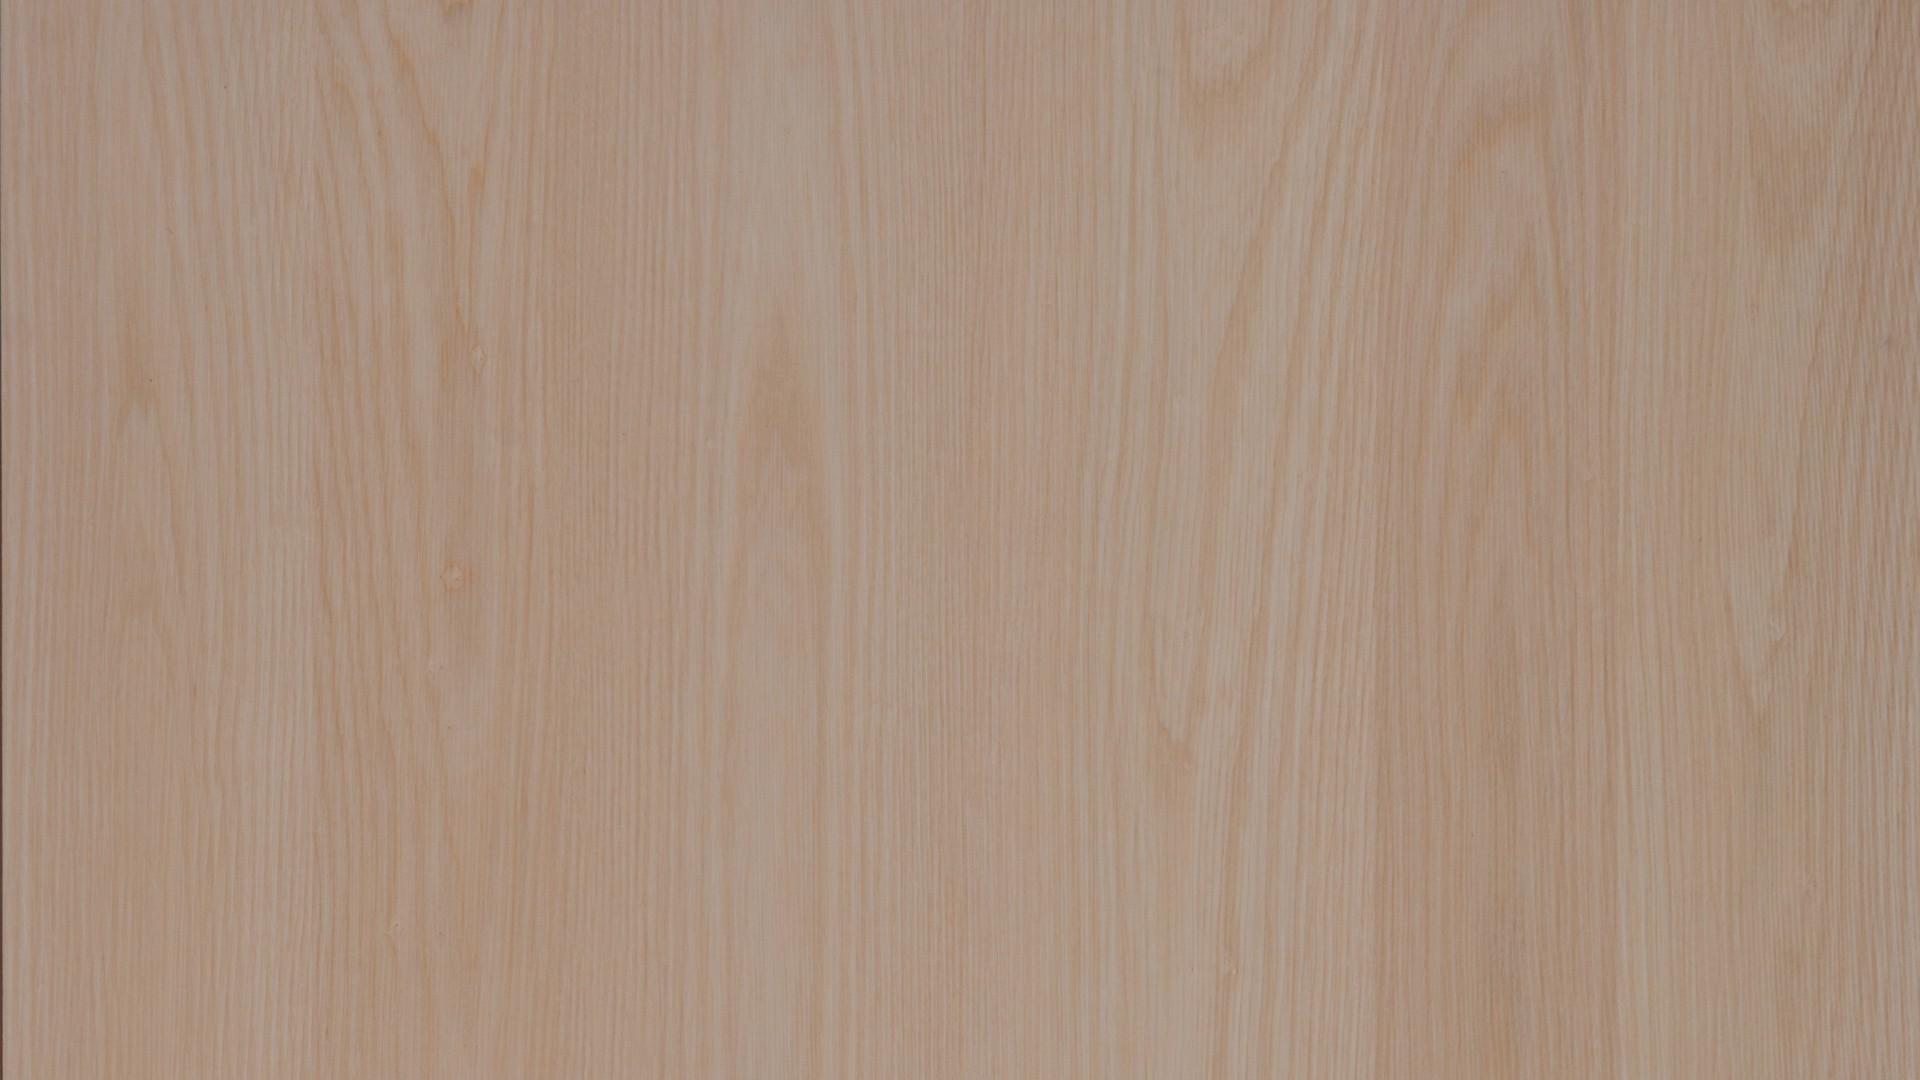 Frêne ramageux (avec sous-couche hêtre) - Hubler